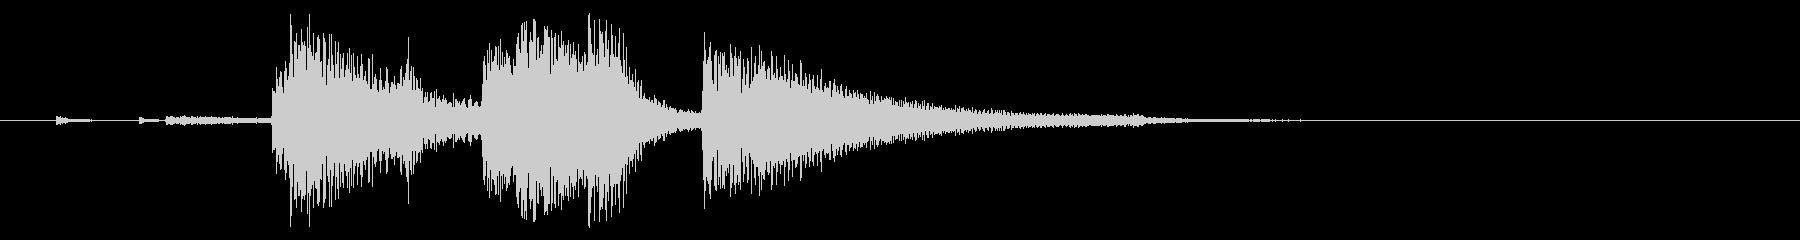 お洒落なSwing Jazz風ジングルの未再生の波形